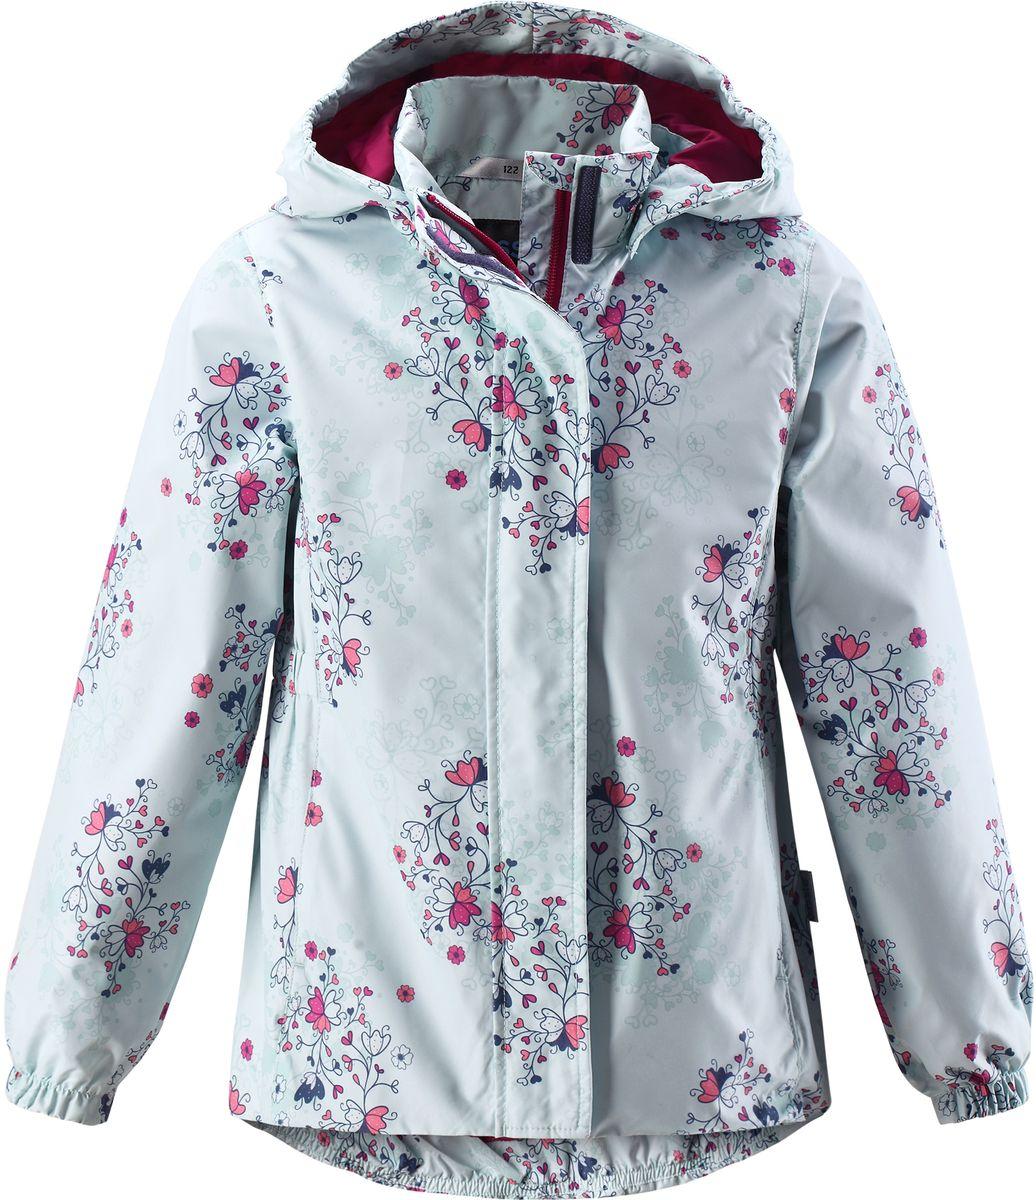 Куртка для девочки Lassie, цвет: бледно-зеленый. 721704R8781. Размер 116721704R8781Стильная демисезонная куртка для девочек изготовлена из водоотталкивающего, ветронепроницаемого и дышащего материала. Гладкая и приятная на ощупь подкладка из полиэстера на легком утеплителе согревает и облегчает процесс одевания. Удлиненная модель для девочек с эластичной талией, подолом и манжетами. Практичные детали просто незаменимы: безопасный съемный капюшон, карманы, вшитые в боковые швы, и светоотражающая эмблема сзади.